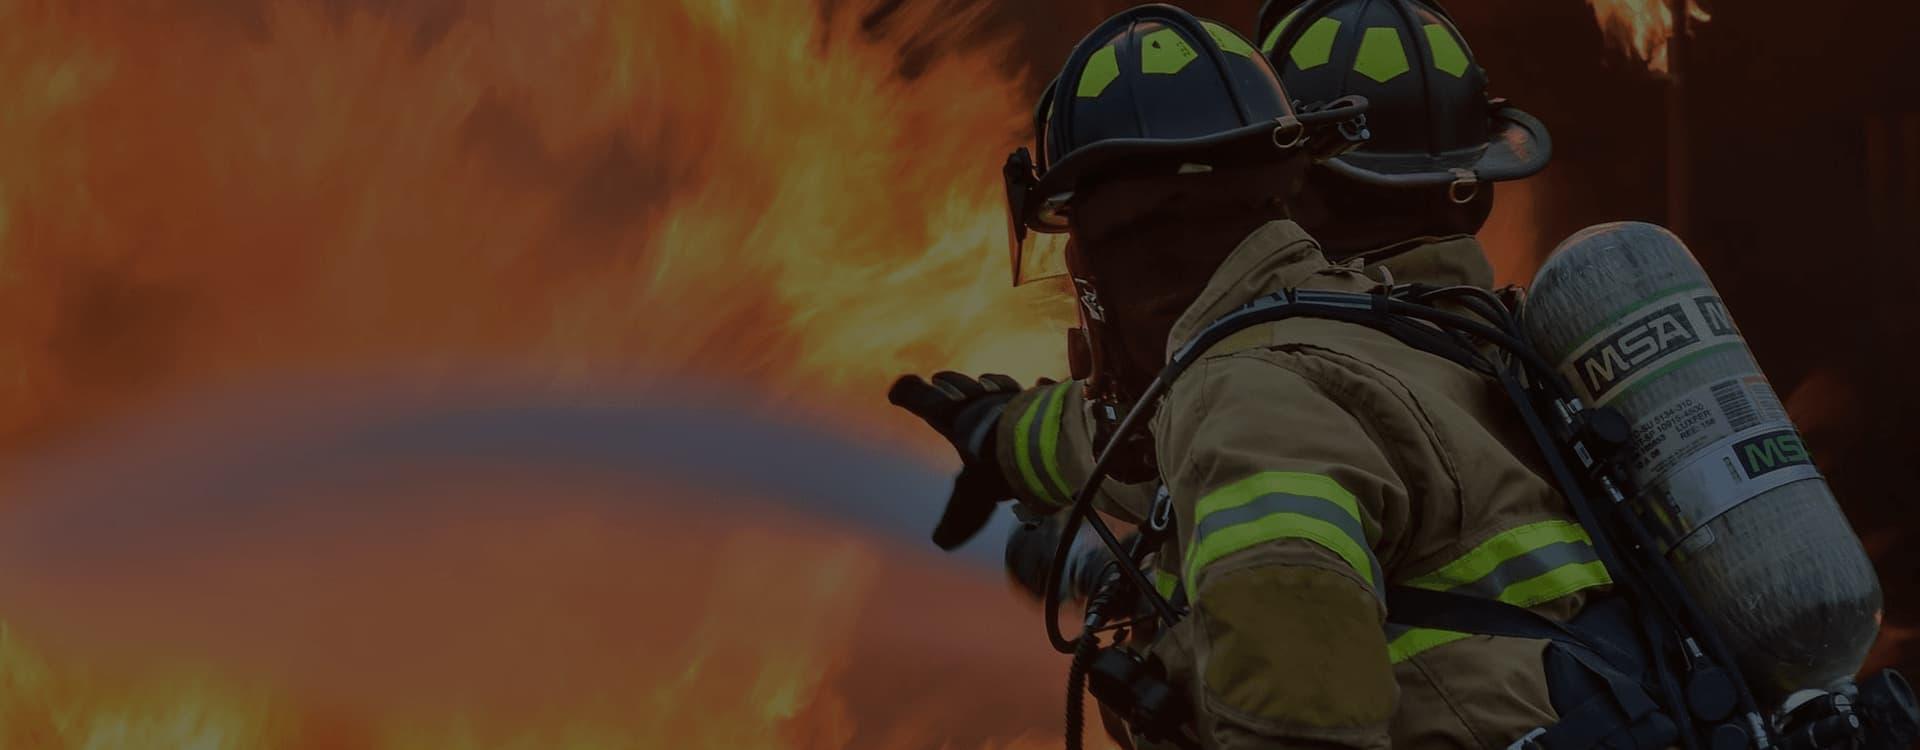 segurança contra incendio